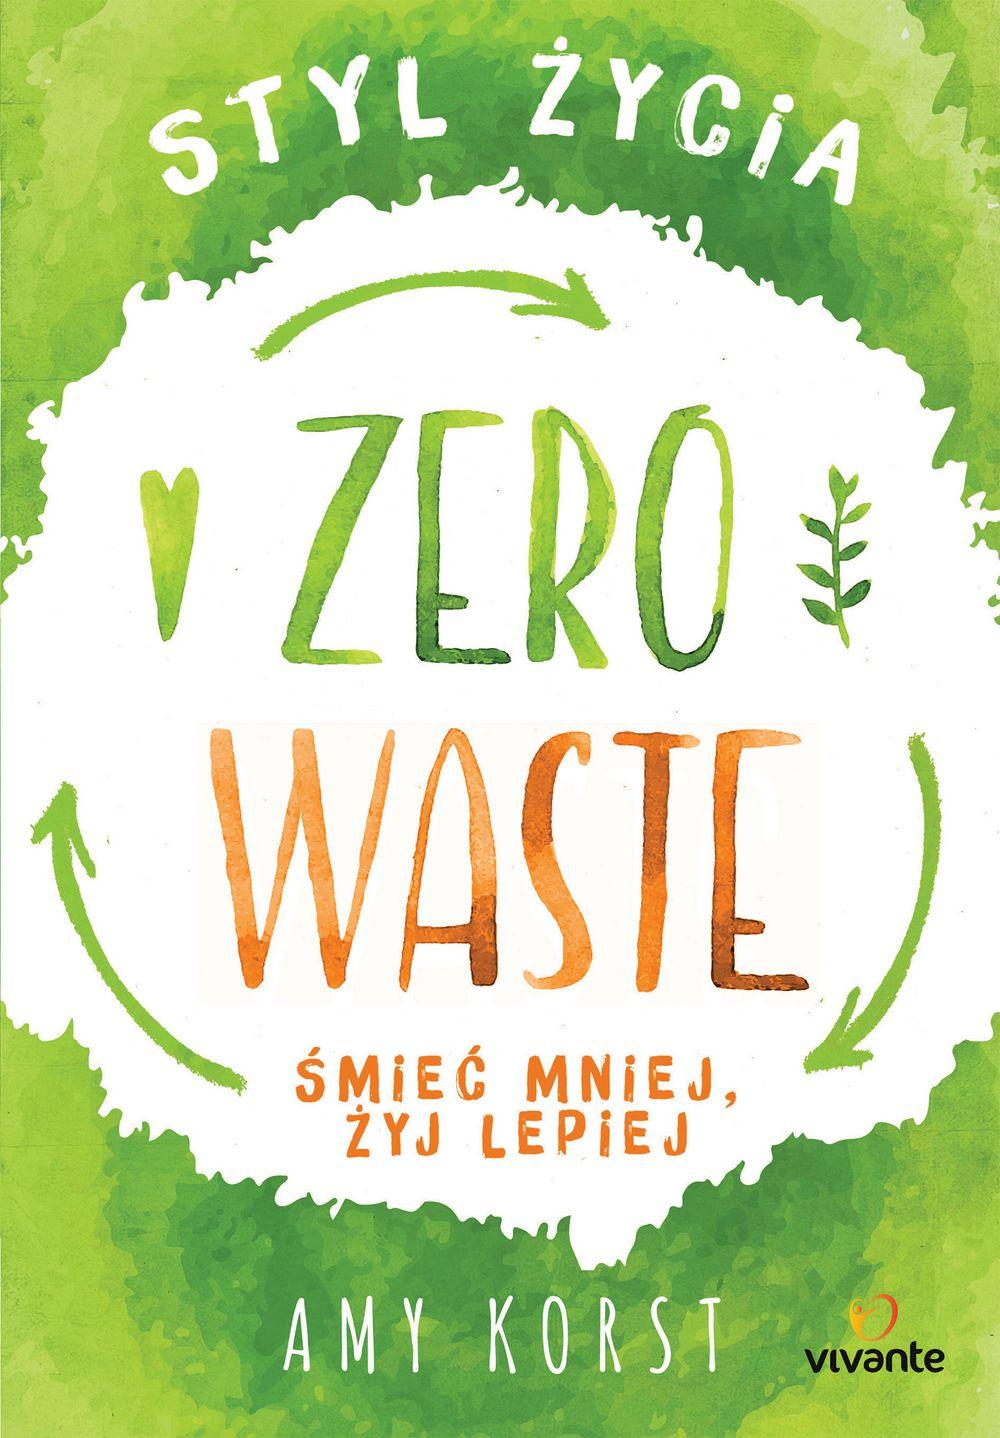 Styl życia Zero Waste. Śmieć mniej, żyj lepiej - Ebook (Książka EPUB) do pobrania w formacie EPUB